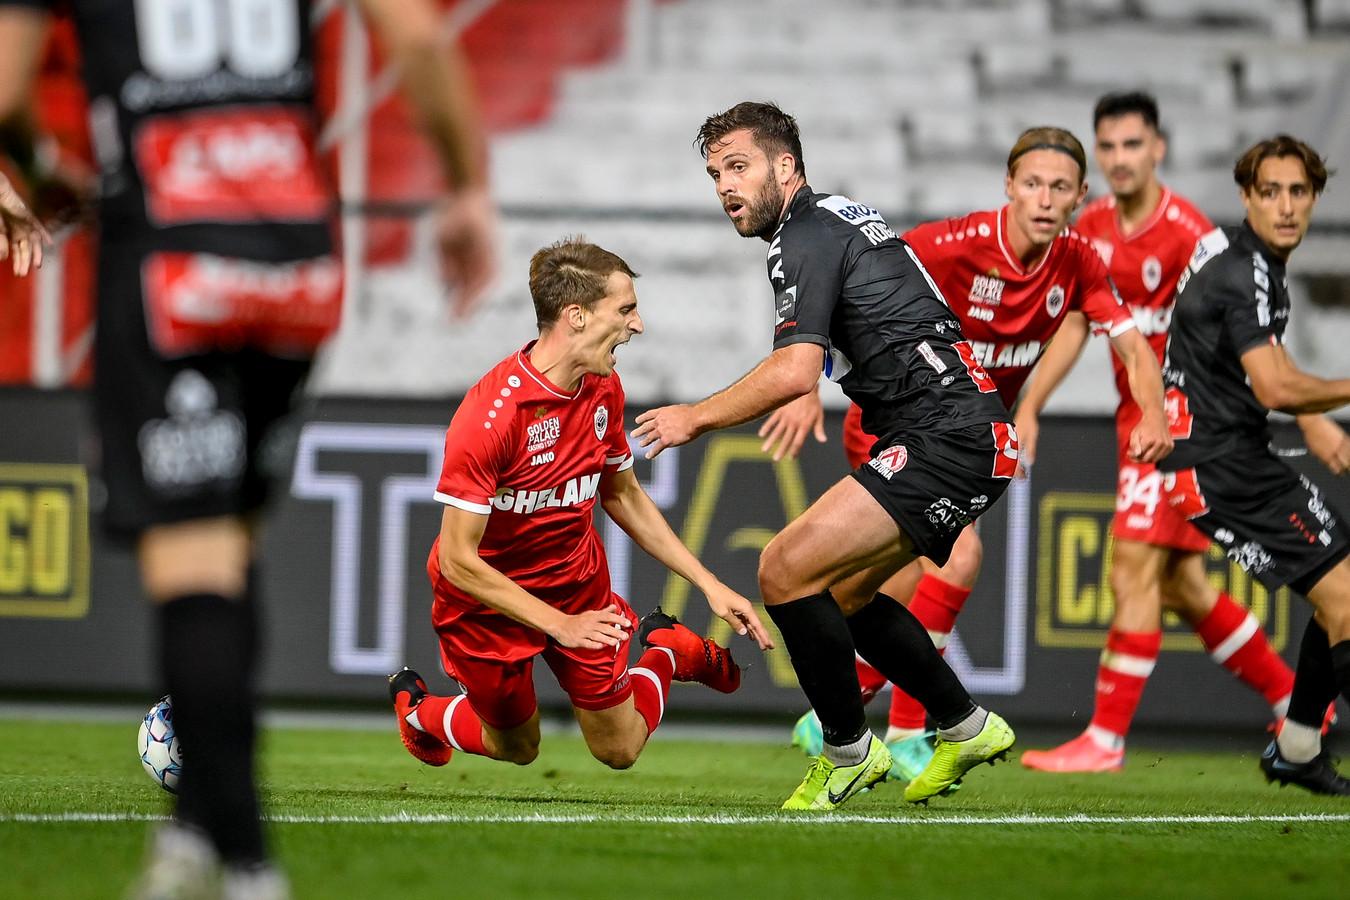 Courtrai s'est imposé à l'Antwerp 0-1 (mi-temps: 0-0) en clôture de la 2e journée du championnat de Belgique de football, ce dimanche.